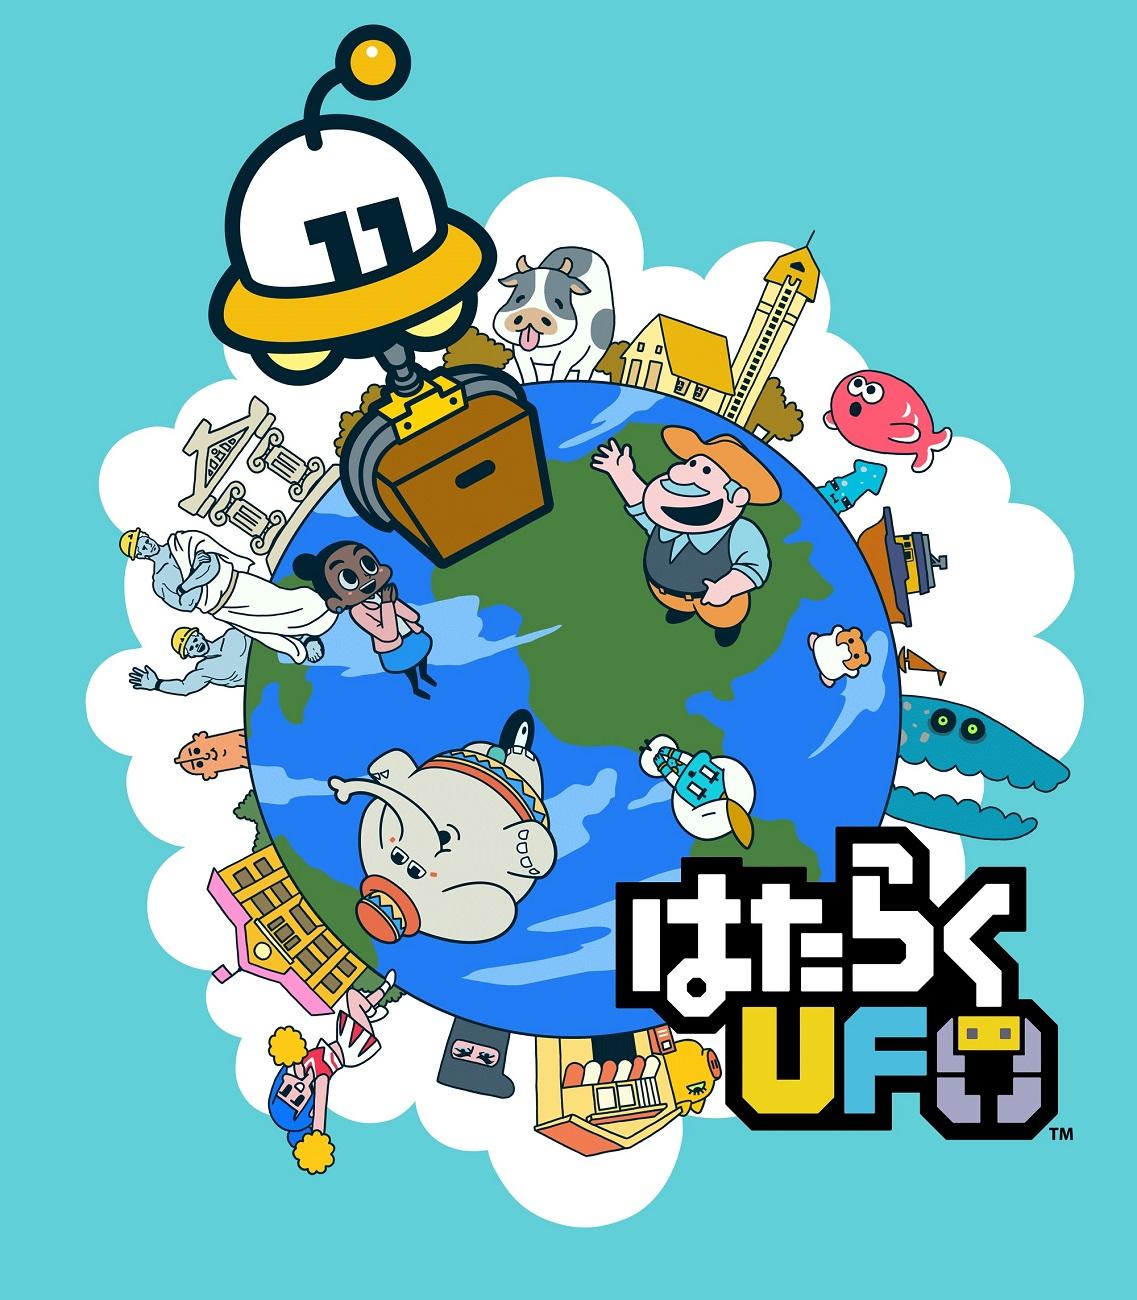 『はたらくUFO』のフォロー&リツイートキャンペーンが12月8日よりスタート!